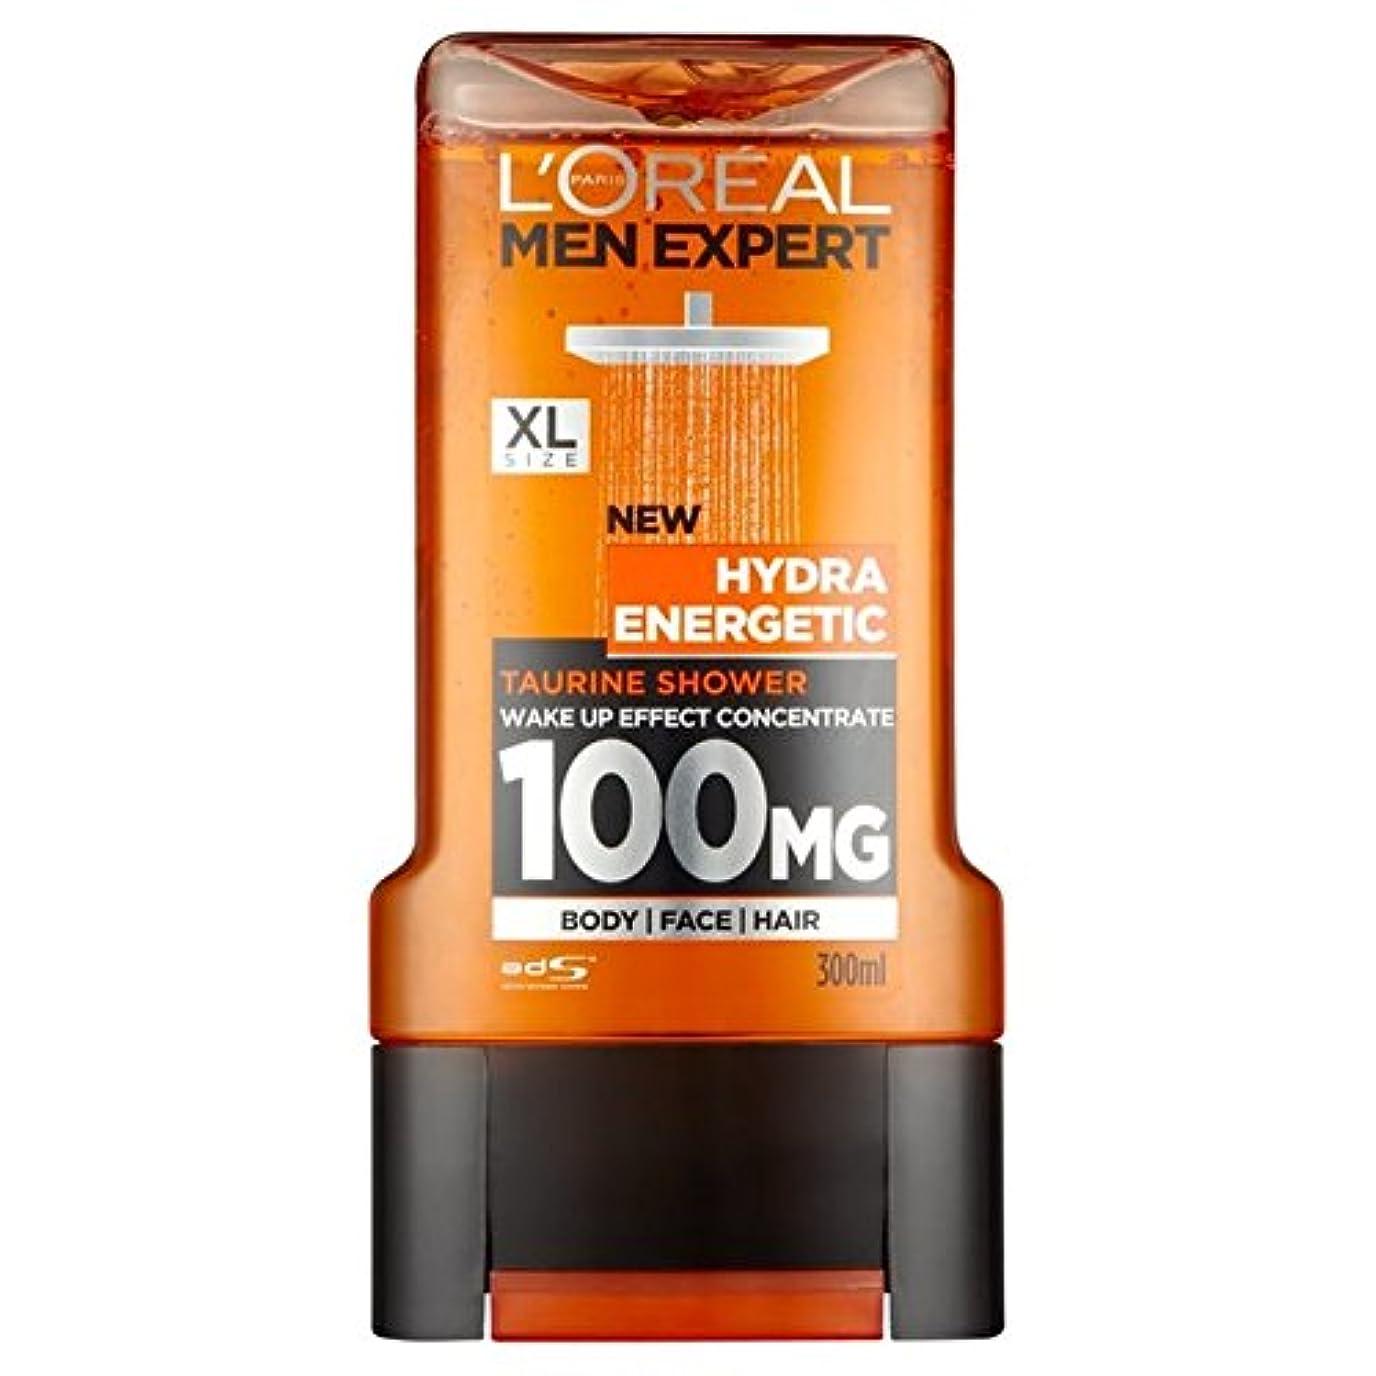 集めるトムオードリース最初ロレアルパリのメンズ専門家ヒドラエネルギッシュなシャワージェル300ミリリットル x2 - L'Oreal Paris Men Expert Hydra Energetic Shower Gel 300ml (Pack of 2) [並行輸入品]